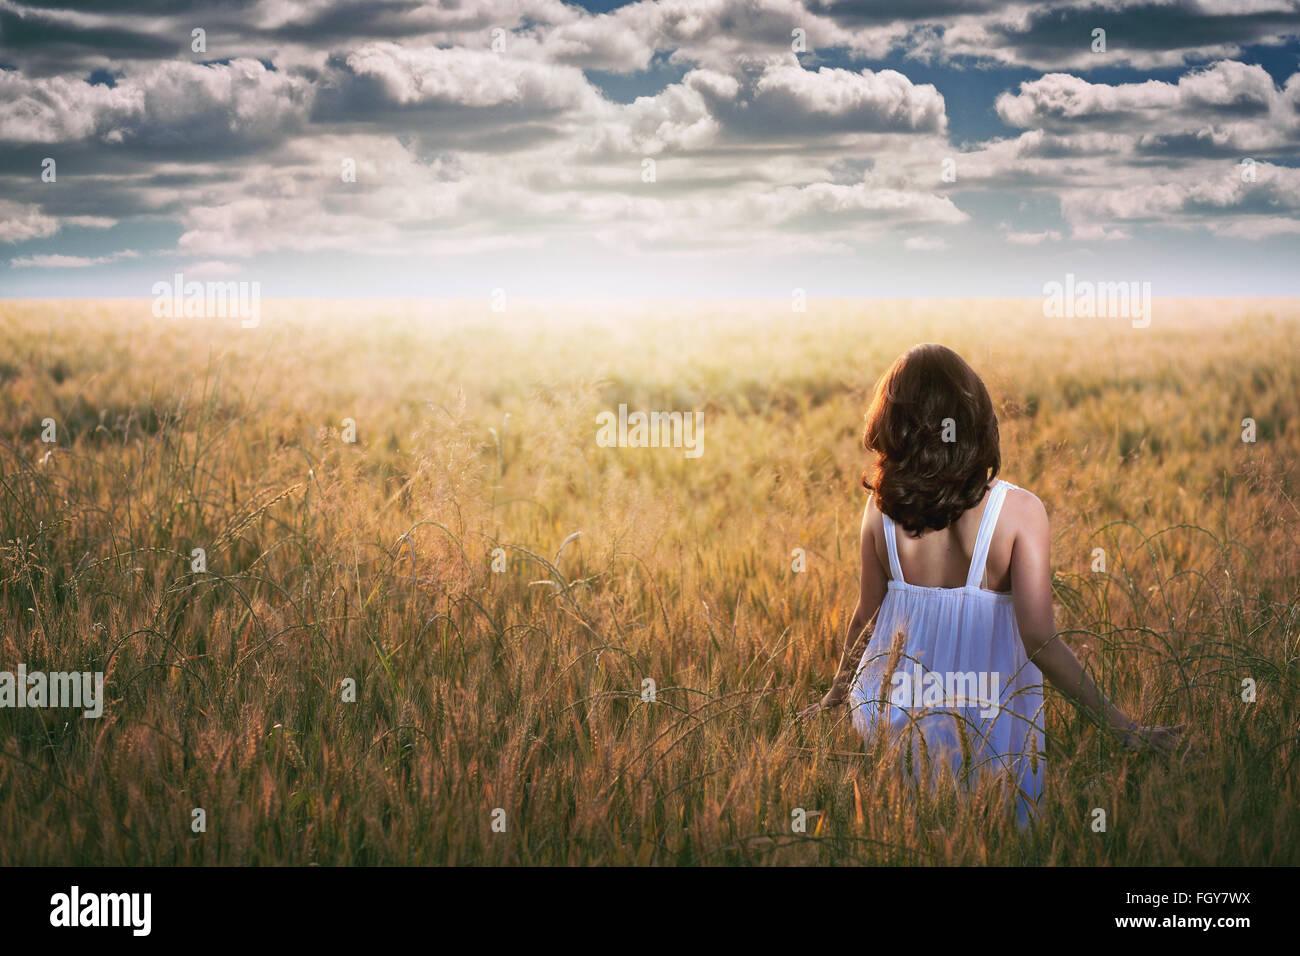 Frau starrte auf einen dramatischen Himmel in einem goldenen Feld. Abendlicht Stockbild